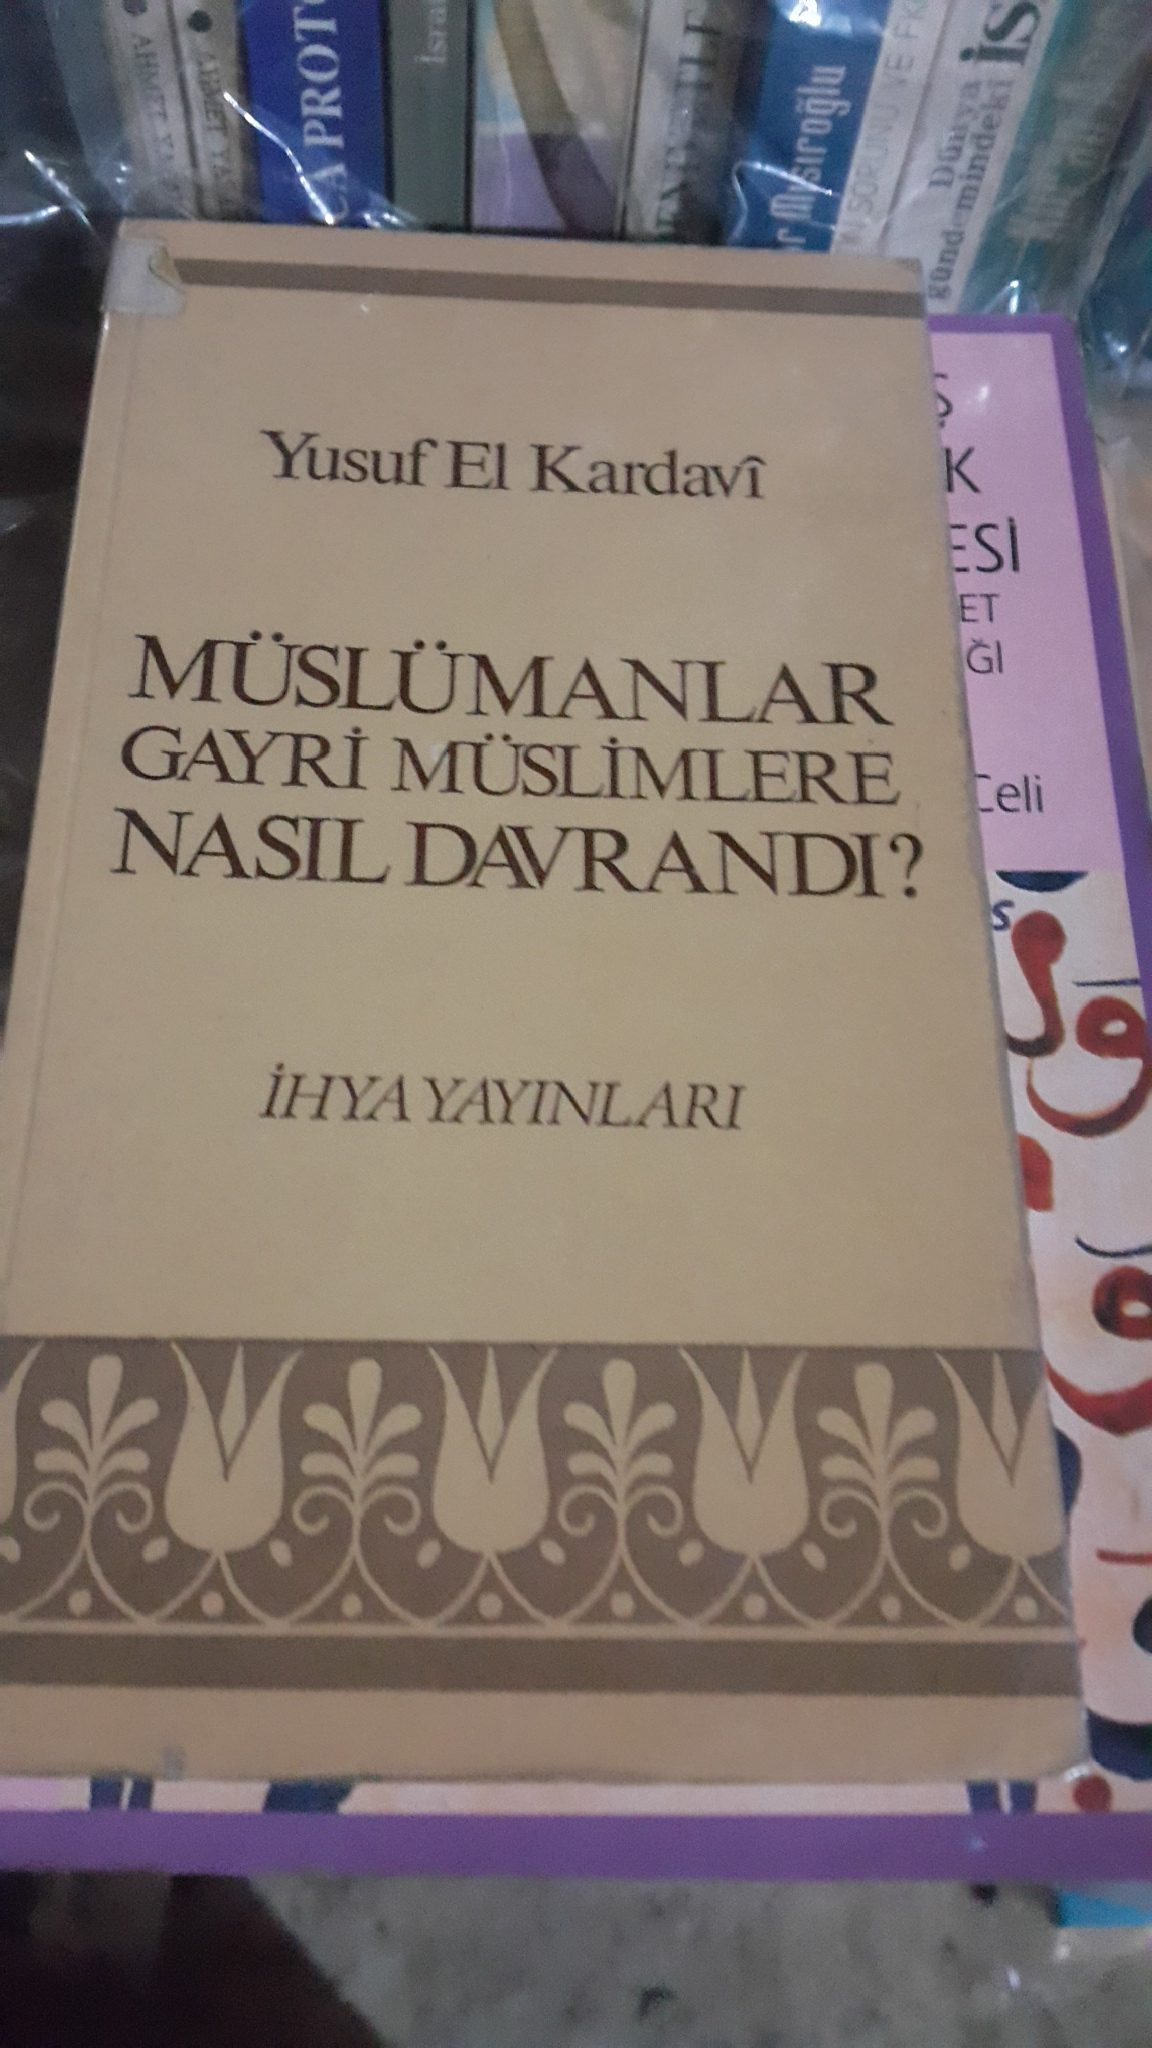 MÜSLÜMANLAR GAYR-I MÜSLİMLERE NASIL DAVRANDI/YUSUF EL KARDAVİ